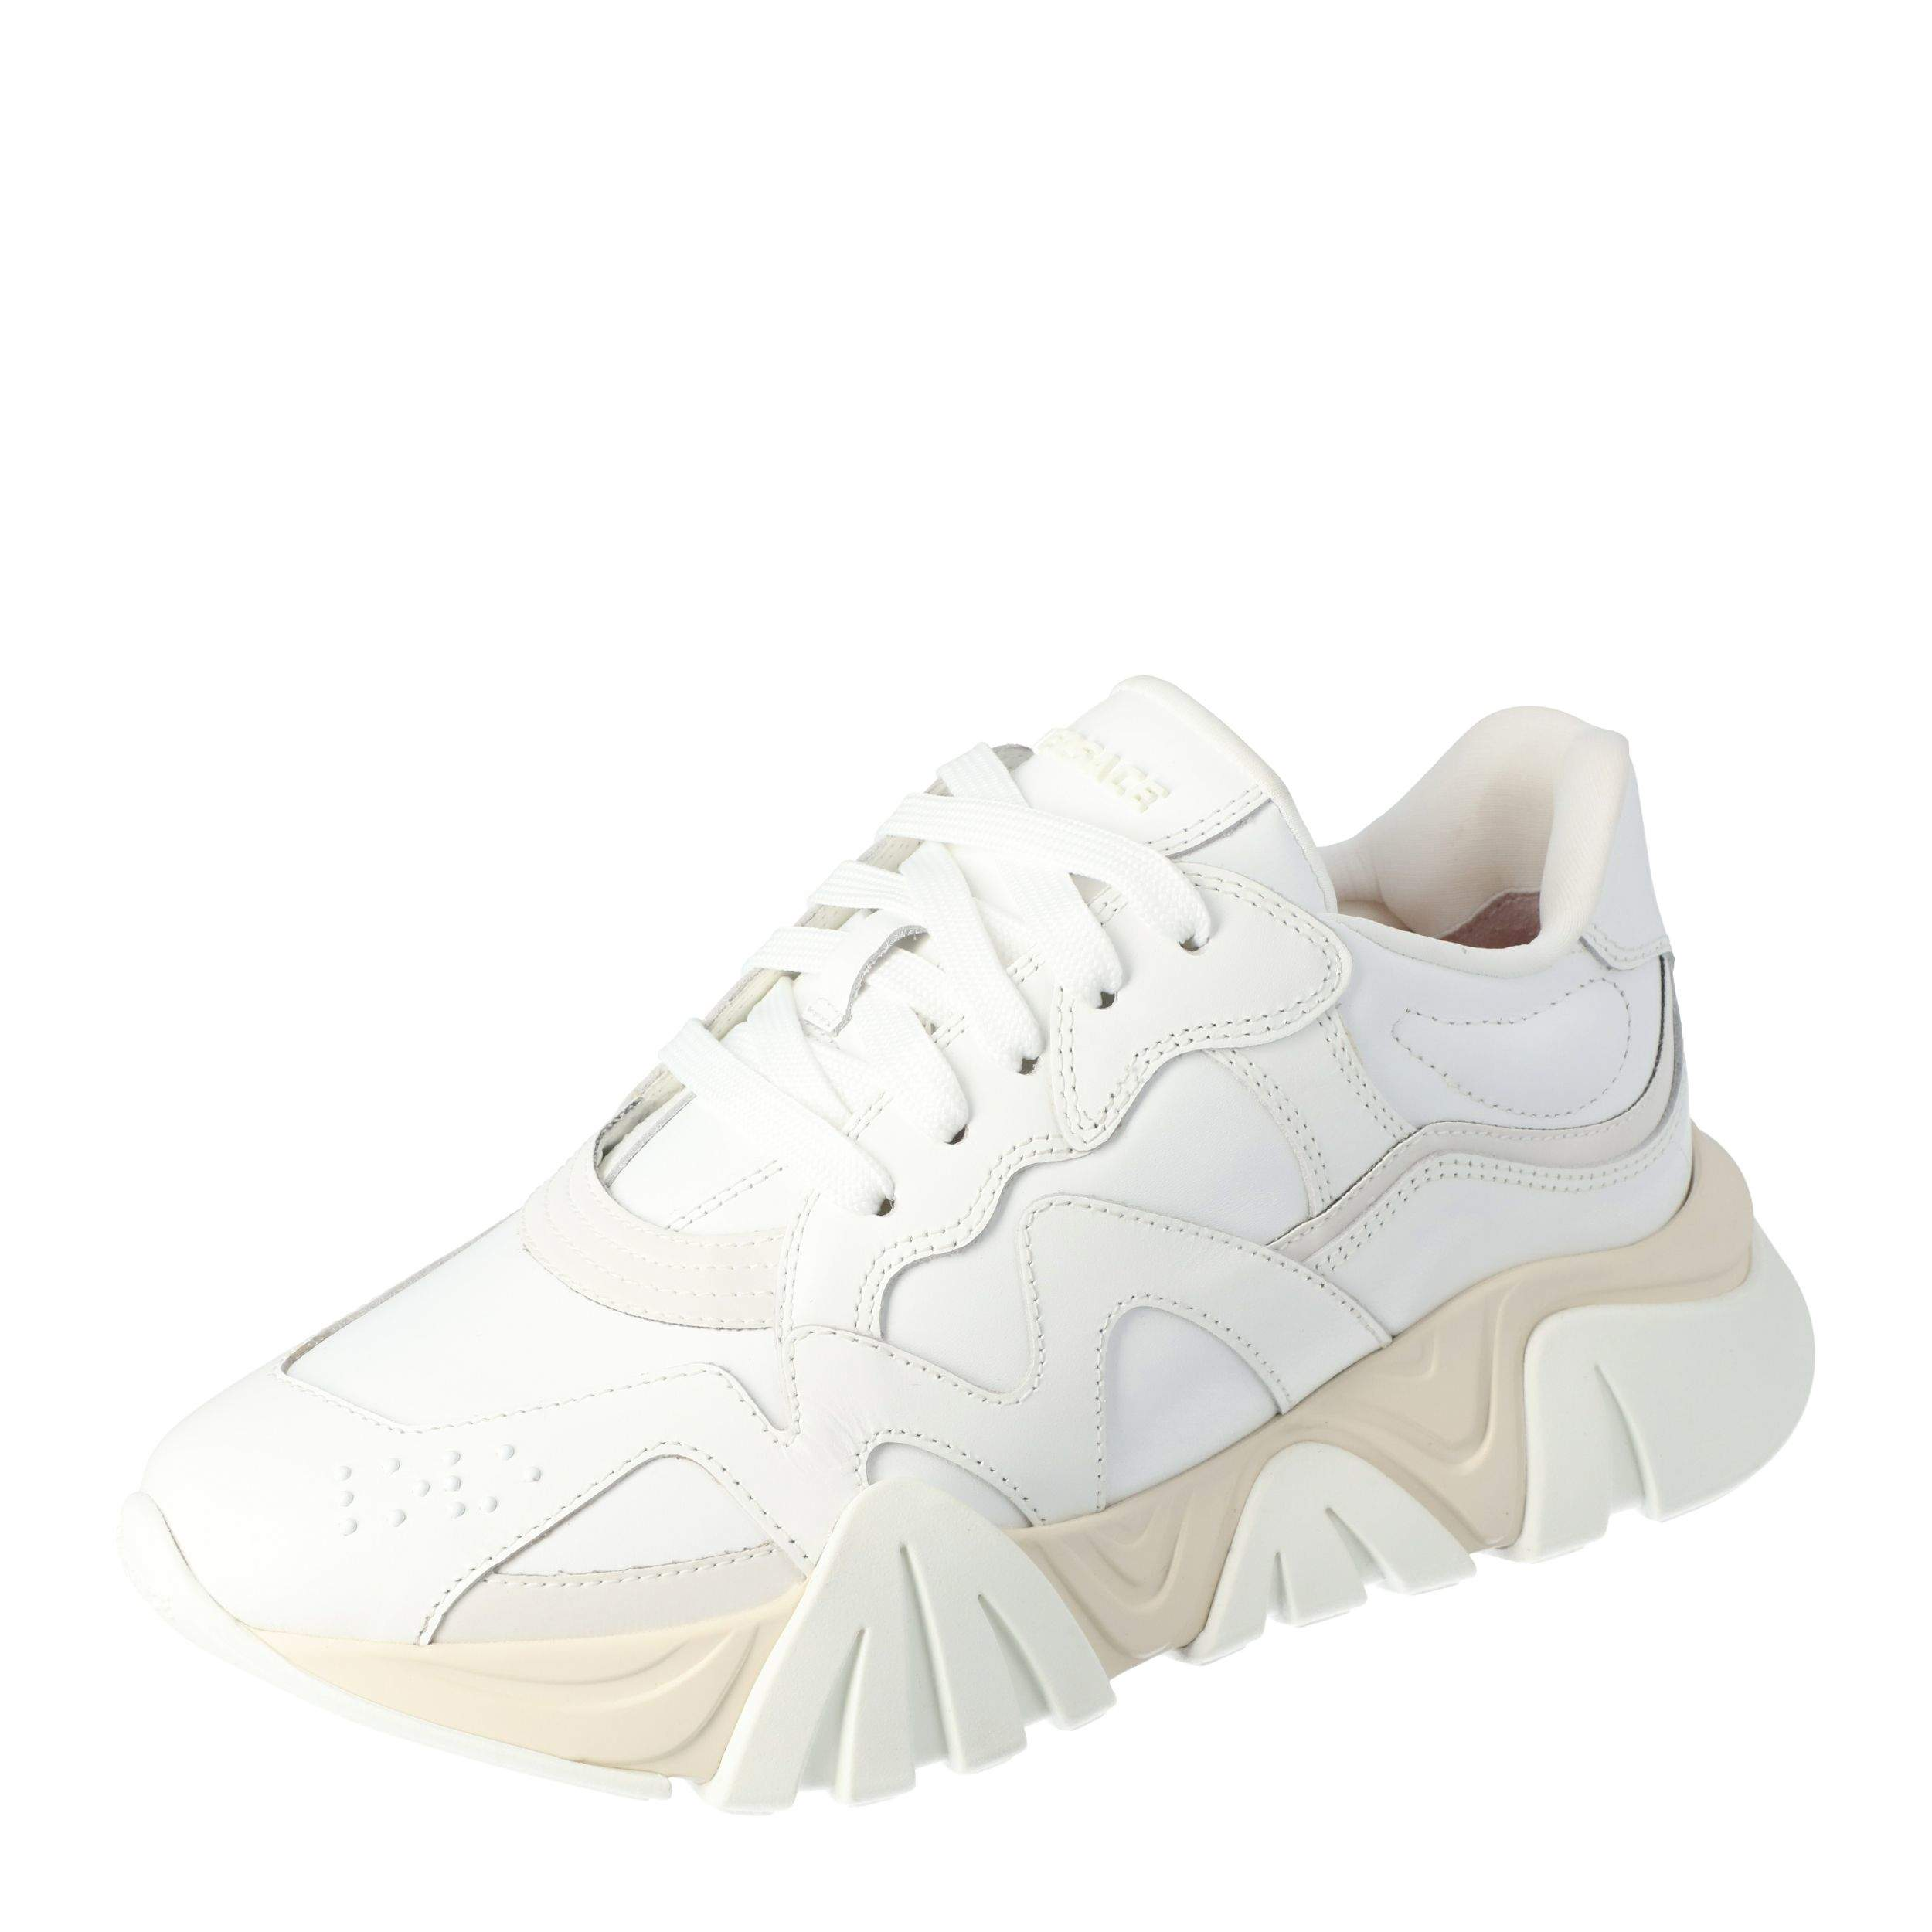 versace platform sneakers